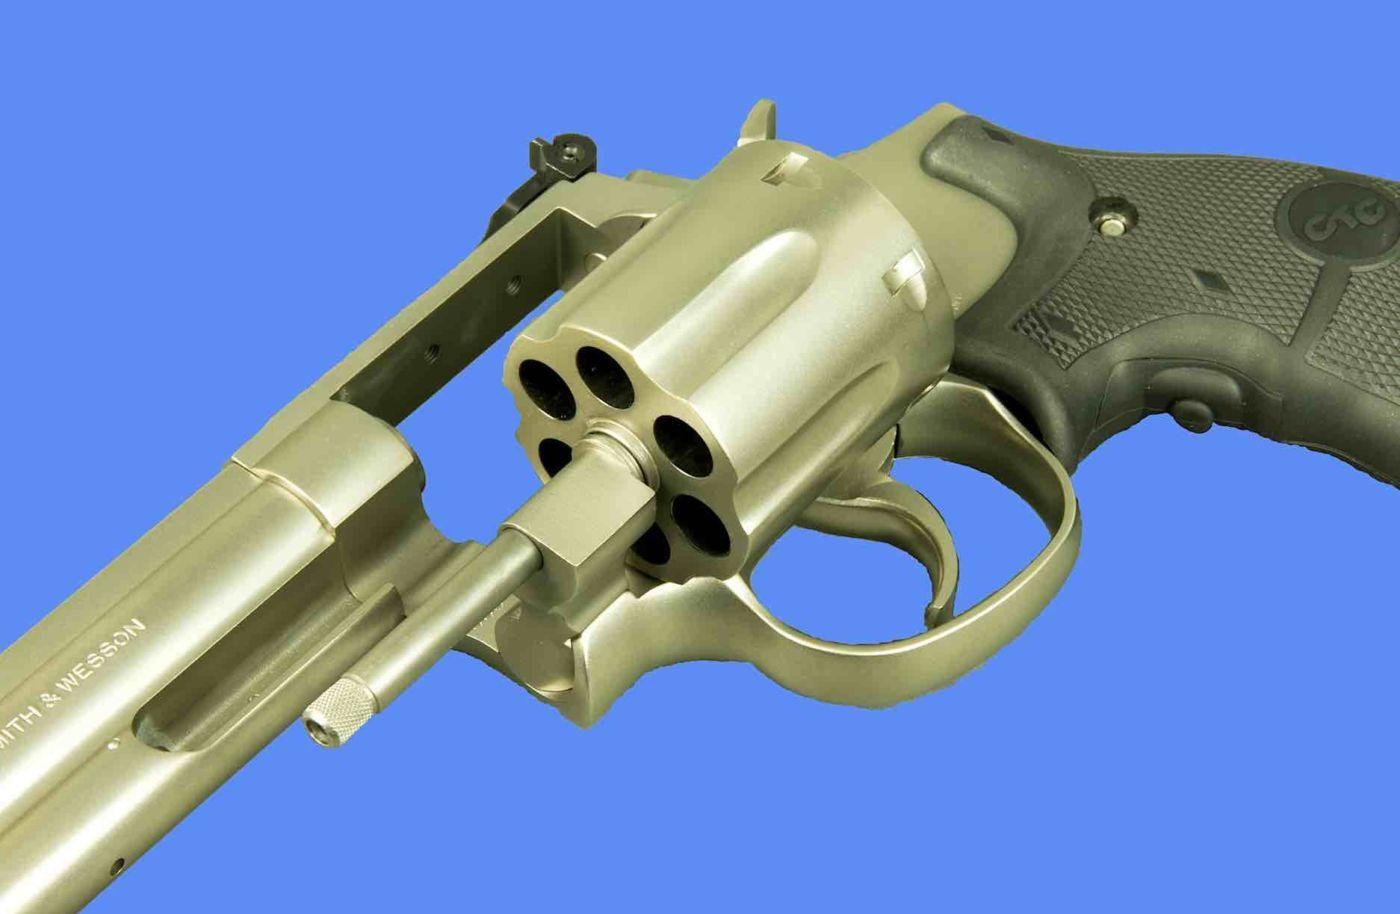 Robar Puts a Gunsmith in Your Shop | Tactical Retailer